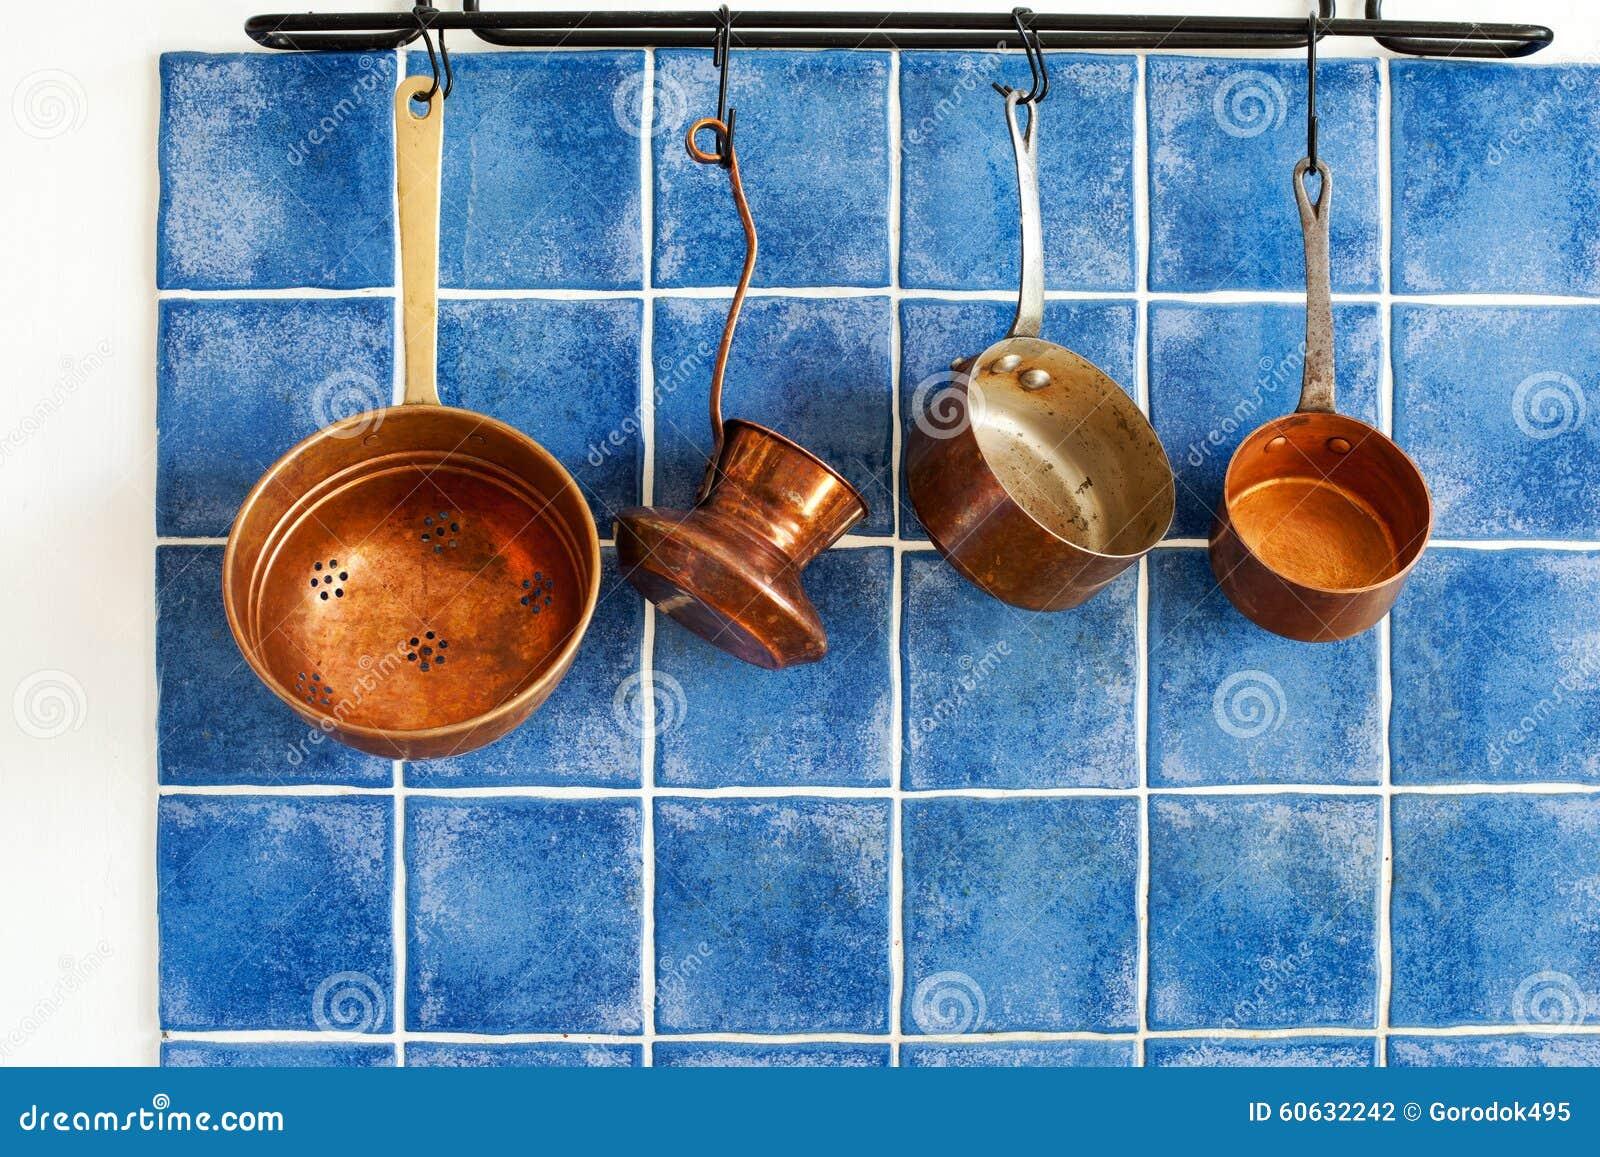 Beautiful Oggetti In Rame Per Cucina Pictures - Ideas & Design 2017 ...